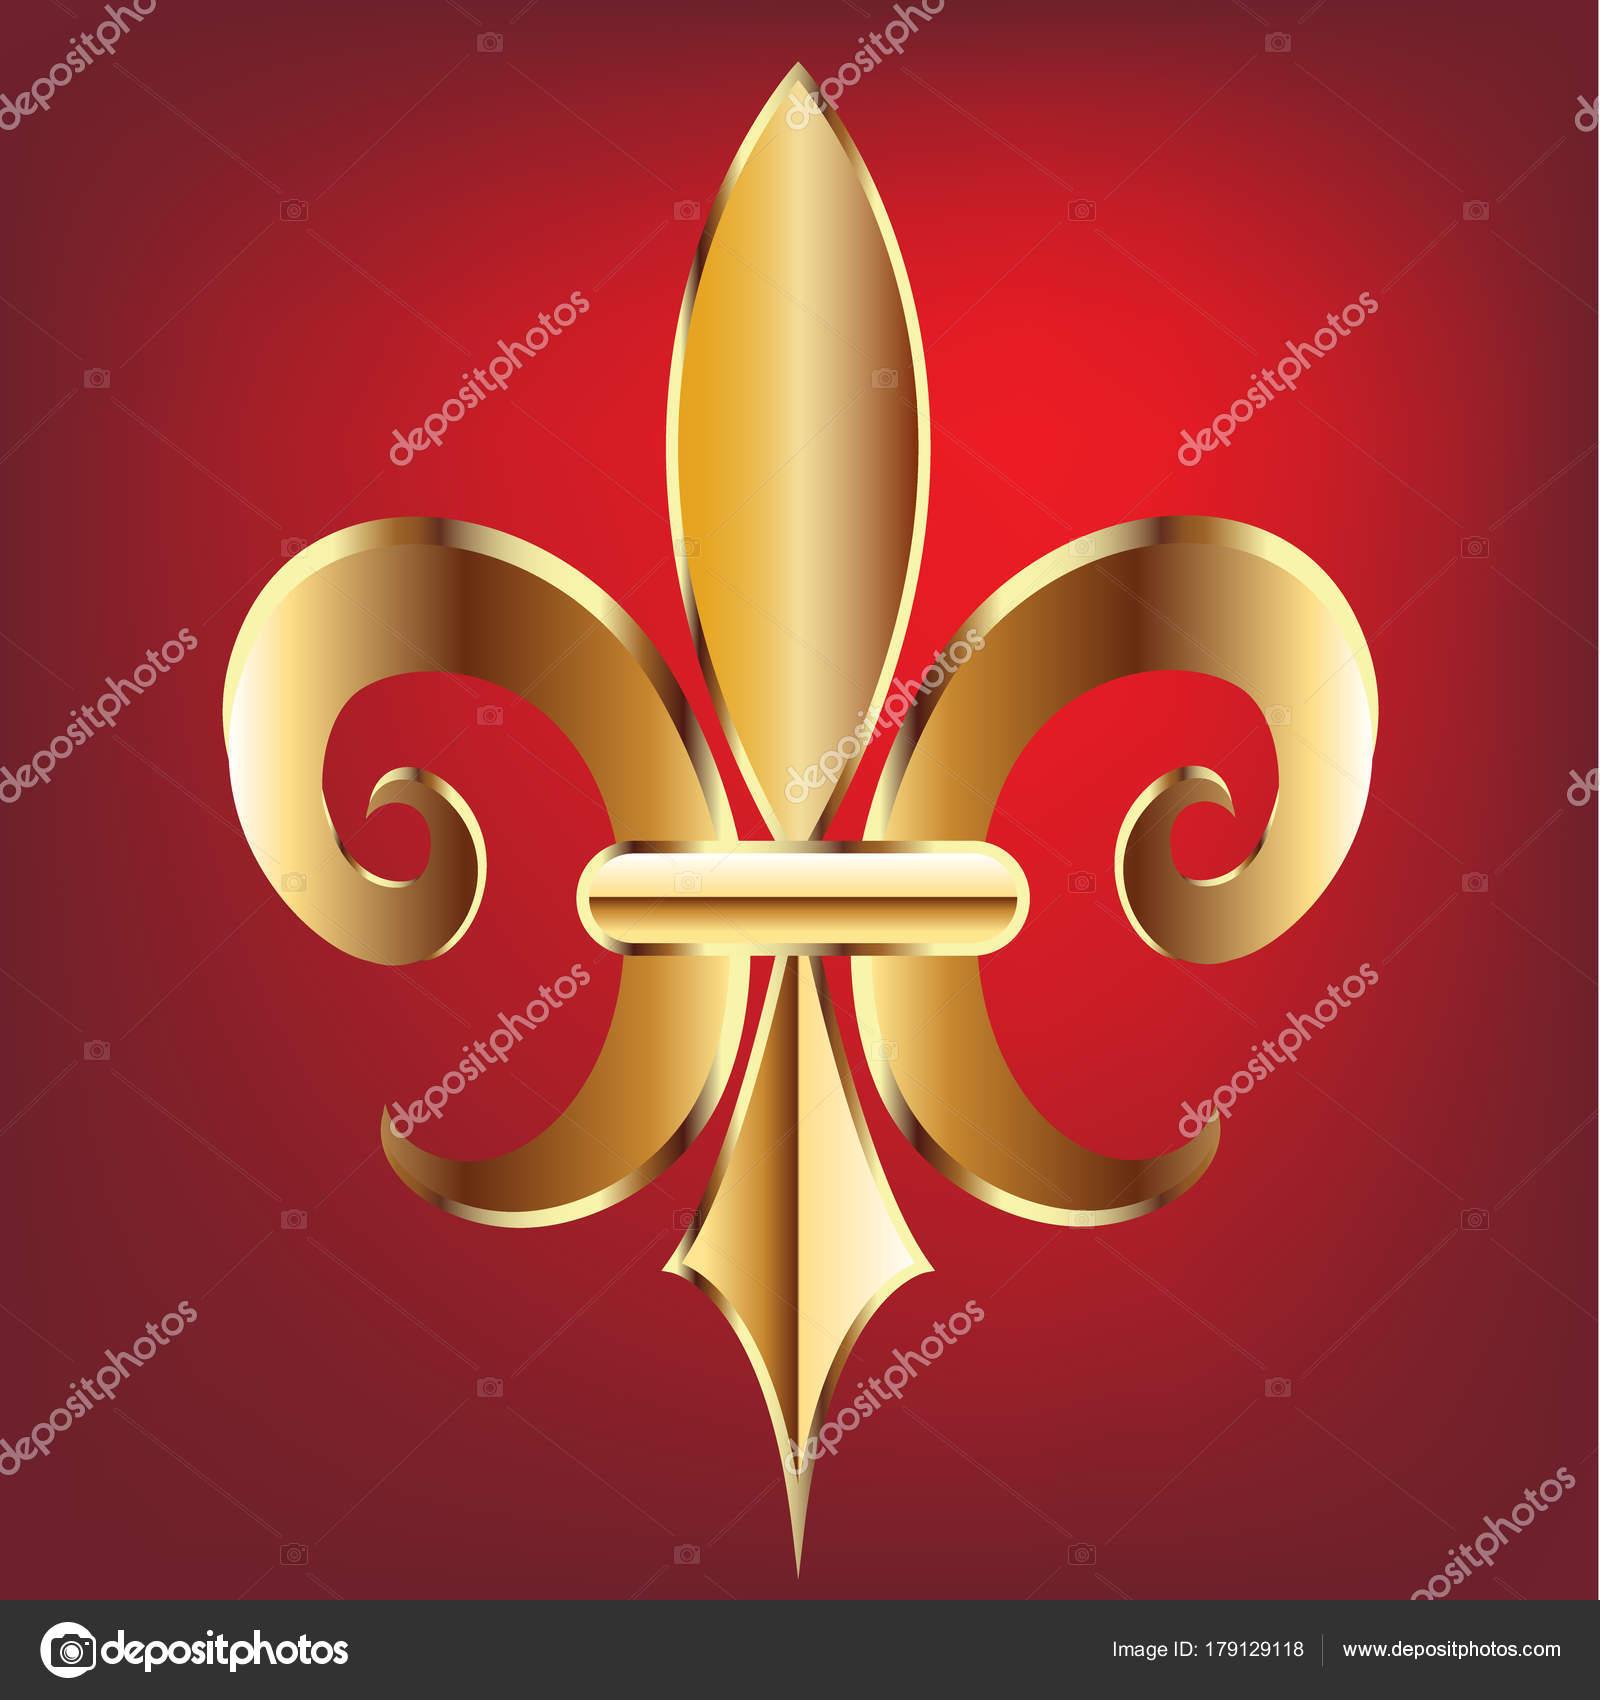 Symbol fleur lis new orleans golden symbol flower logo icon stock symbol fleur lis new orleans golden symbol flower logo icon stock vector buycottarizona Images